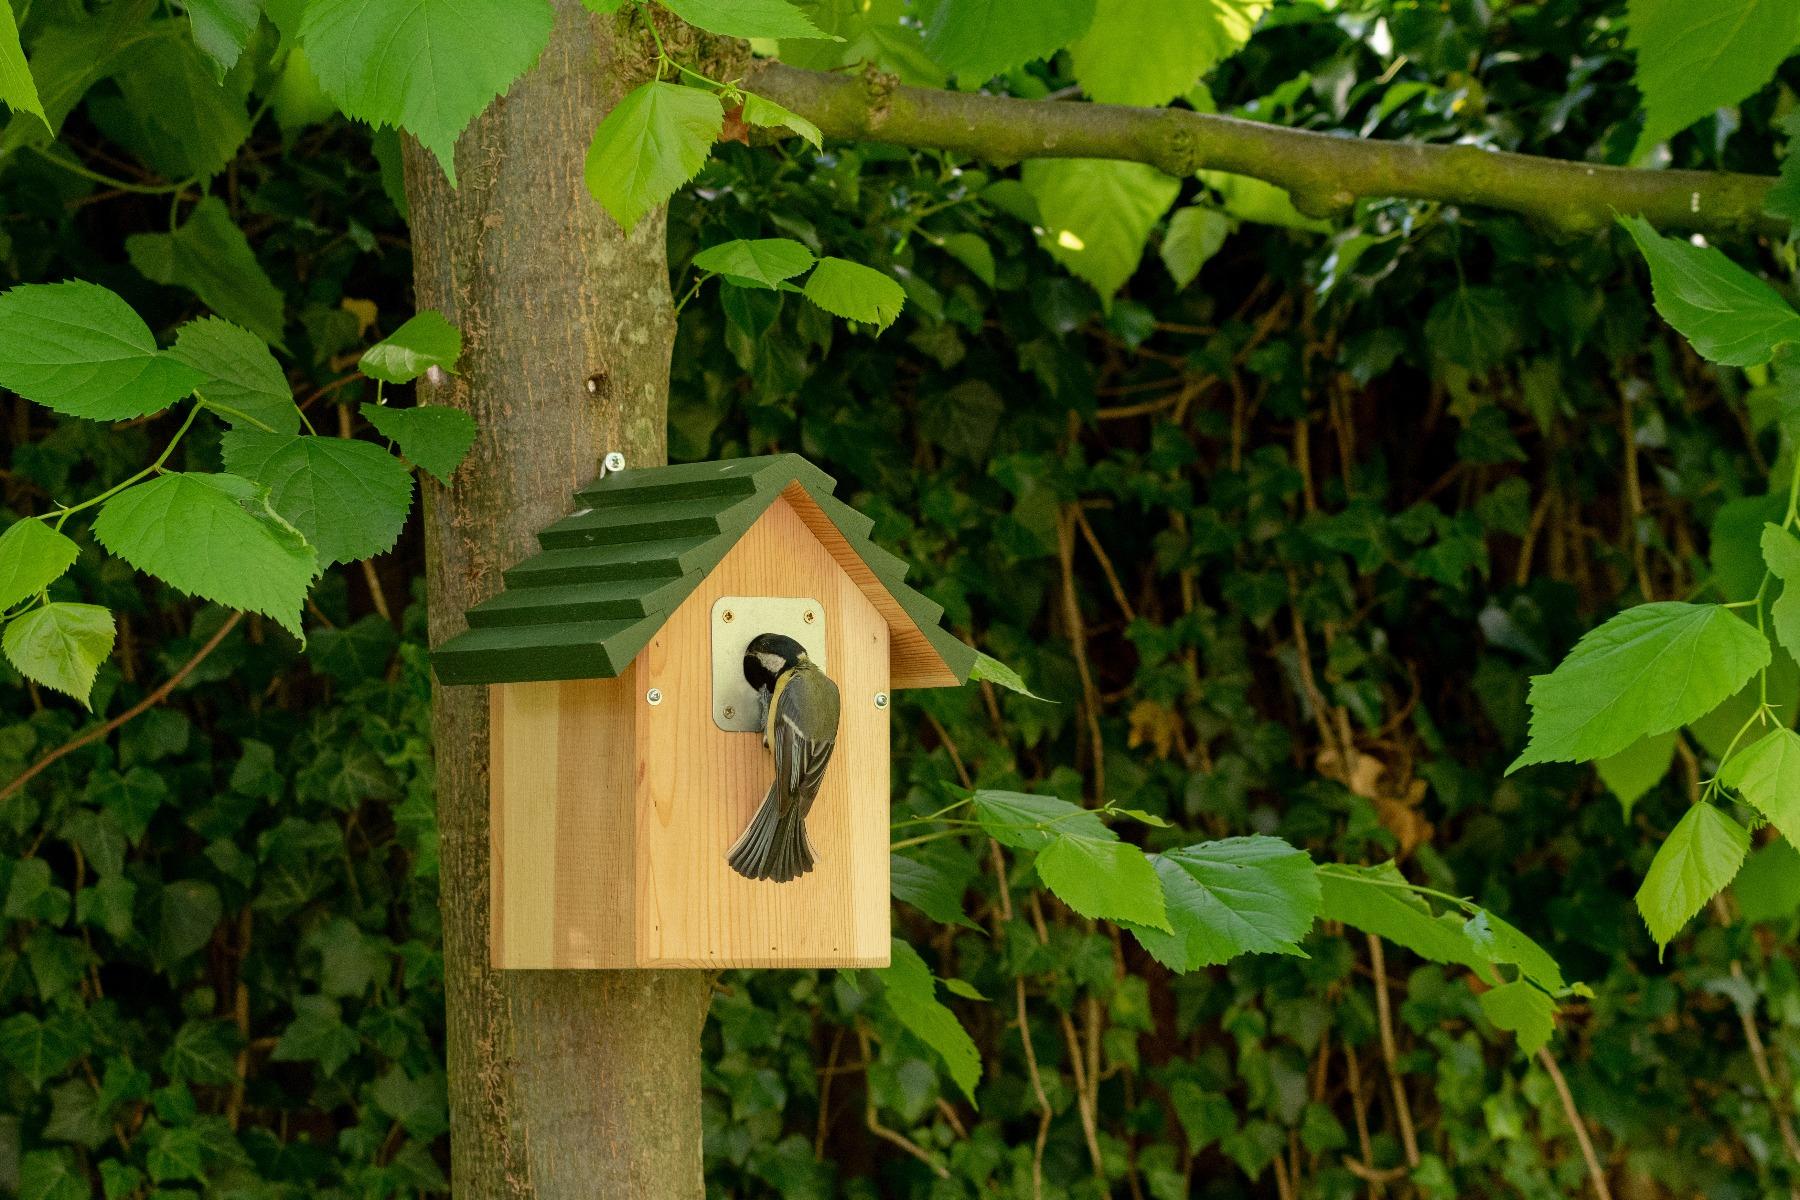 Voortplanting in een vogelvriendelijke tuin